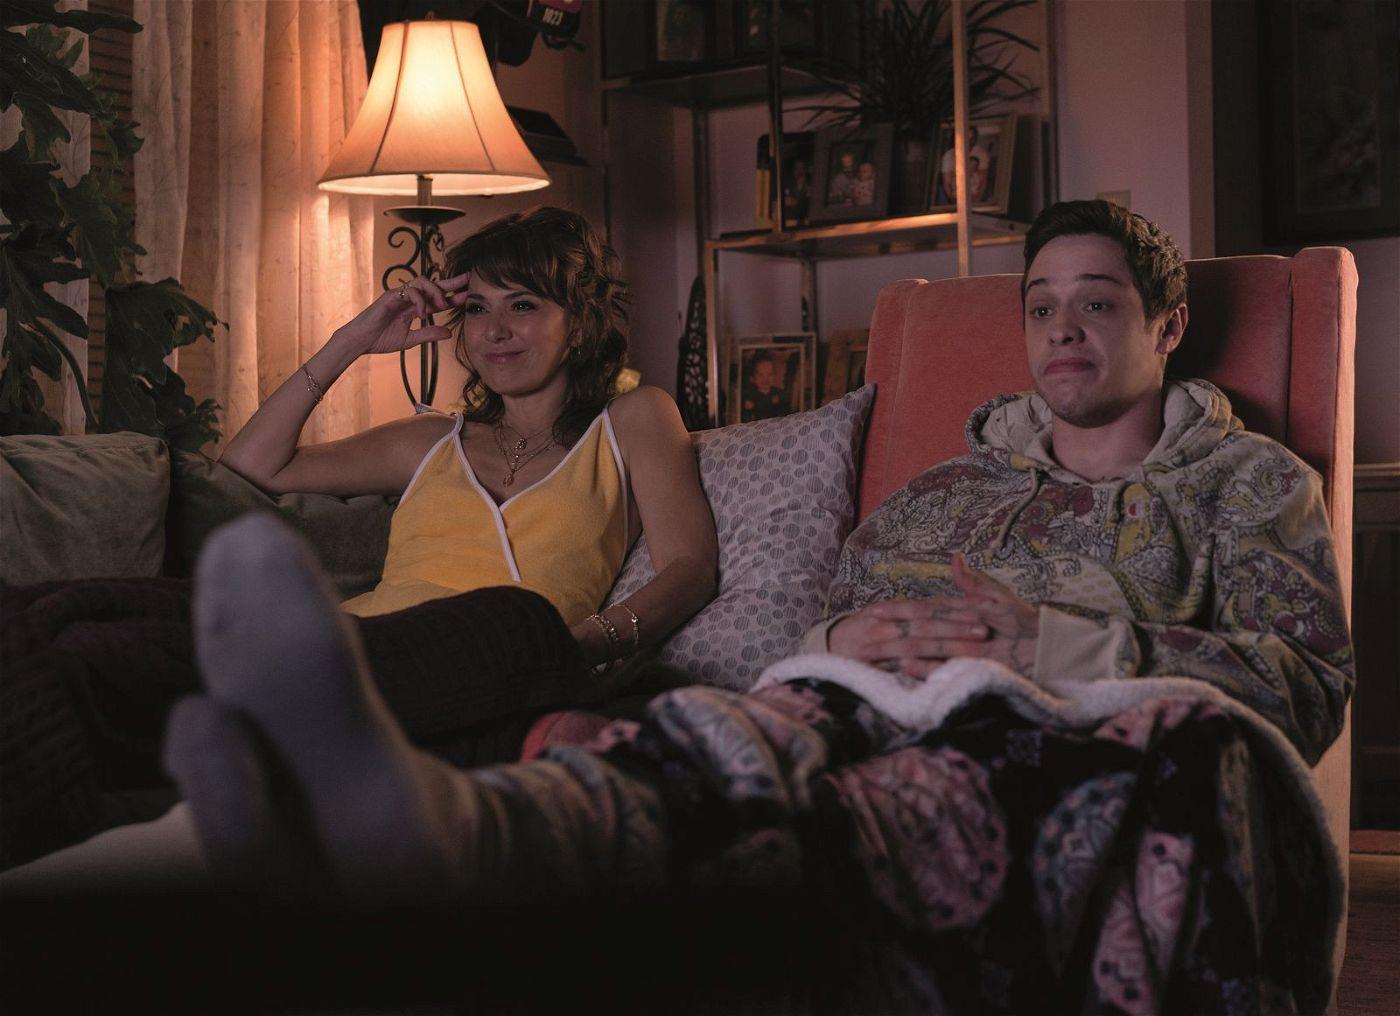 Mit Mitte zwanzig lebt Scott (Pete Davidson) noch immer bei seiner Mutter Margie (Marisa Tomei).